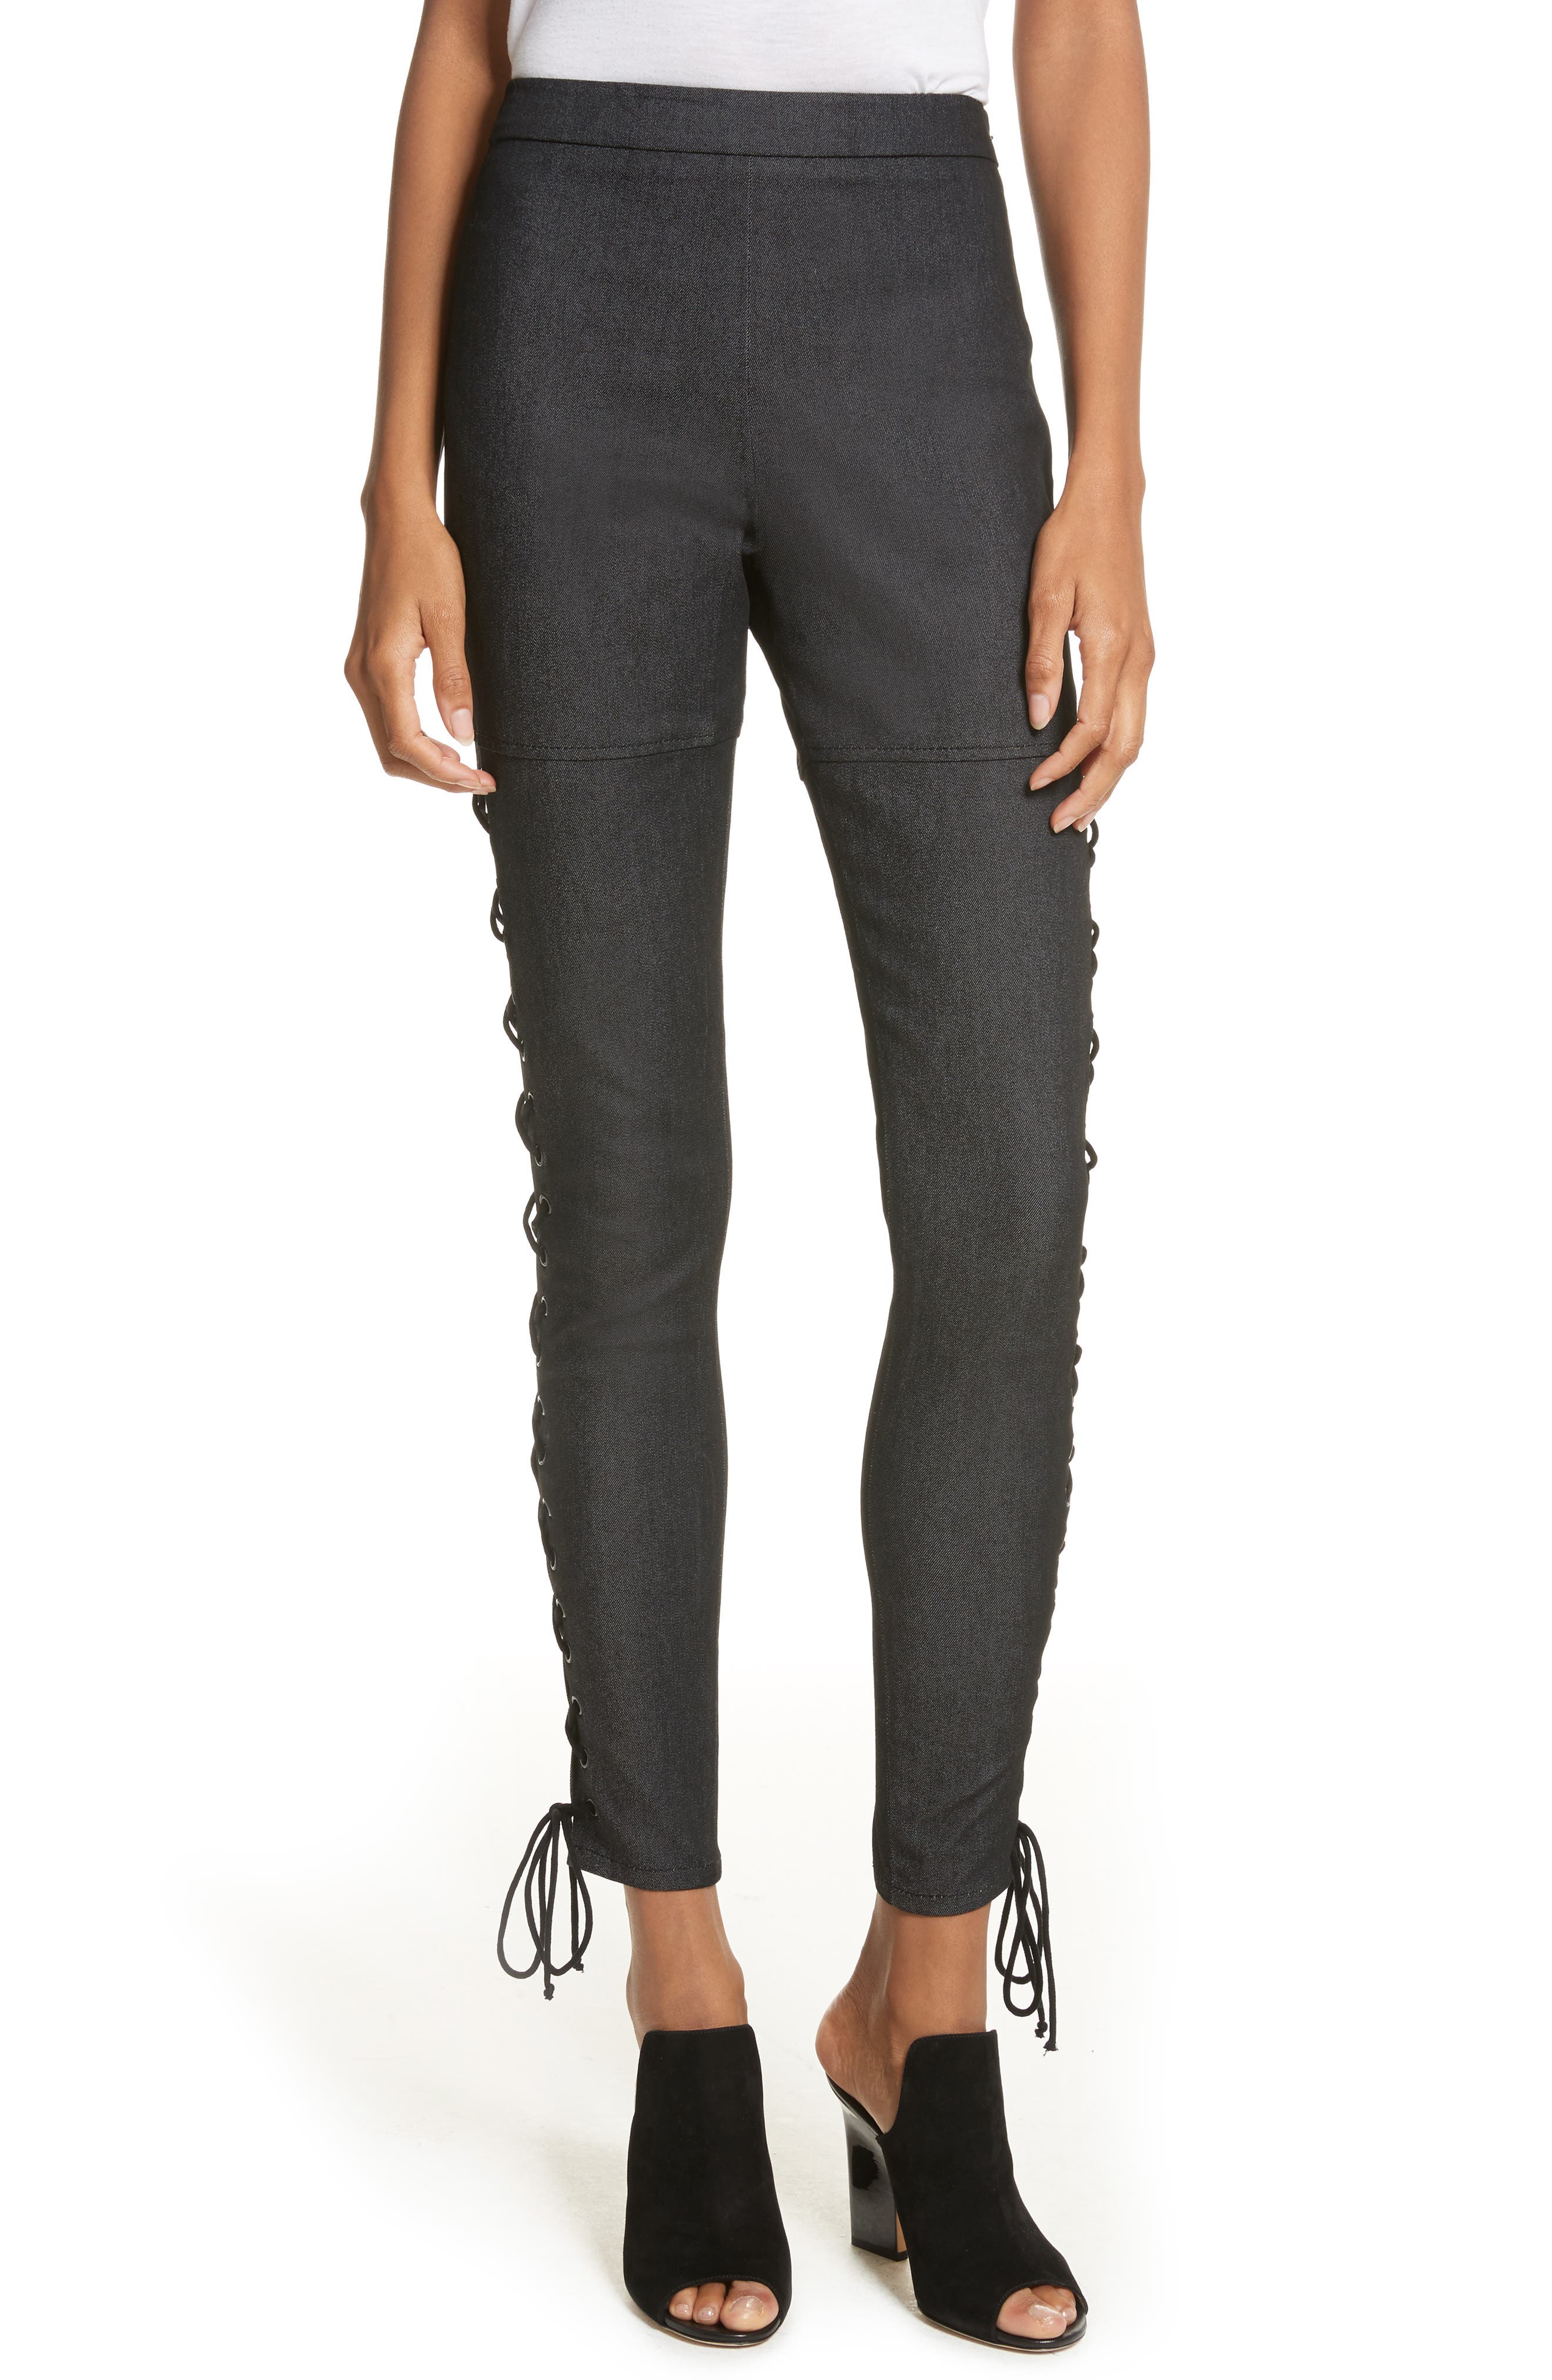 Alternate Image 1 Selected - Cinq à Sept Kiran Lace-Up Stretch Denim Pants